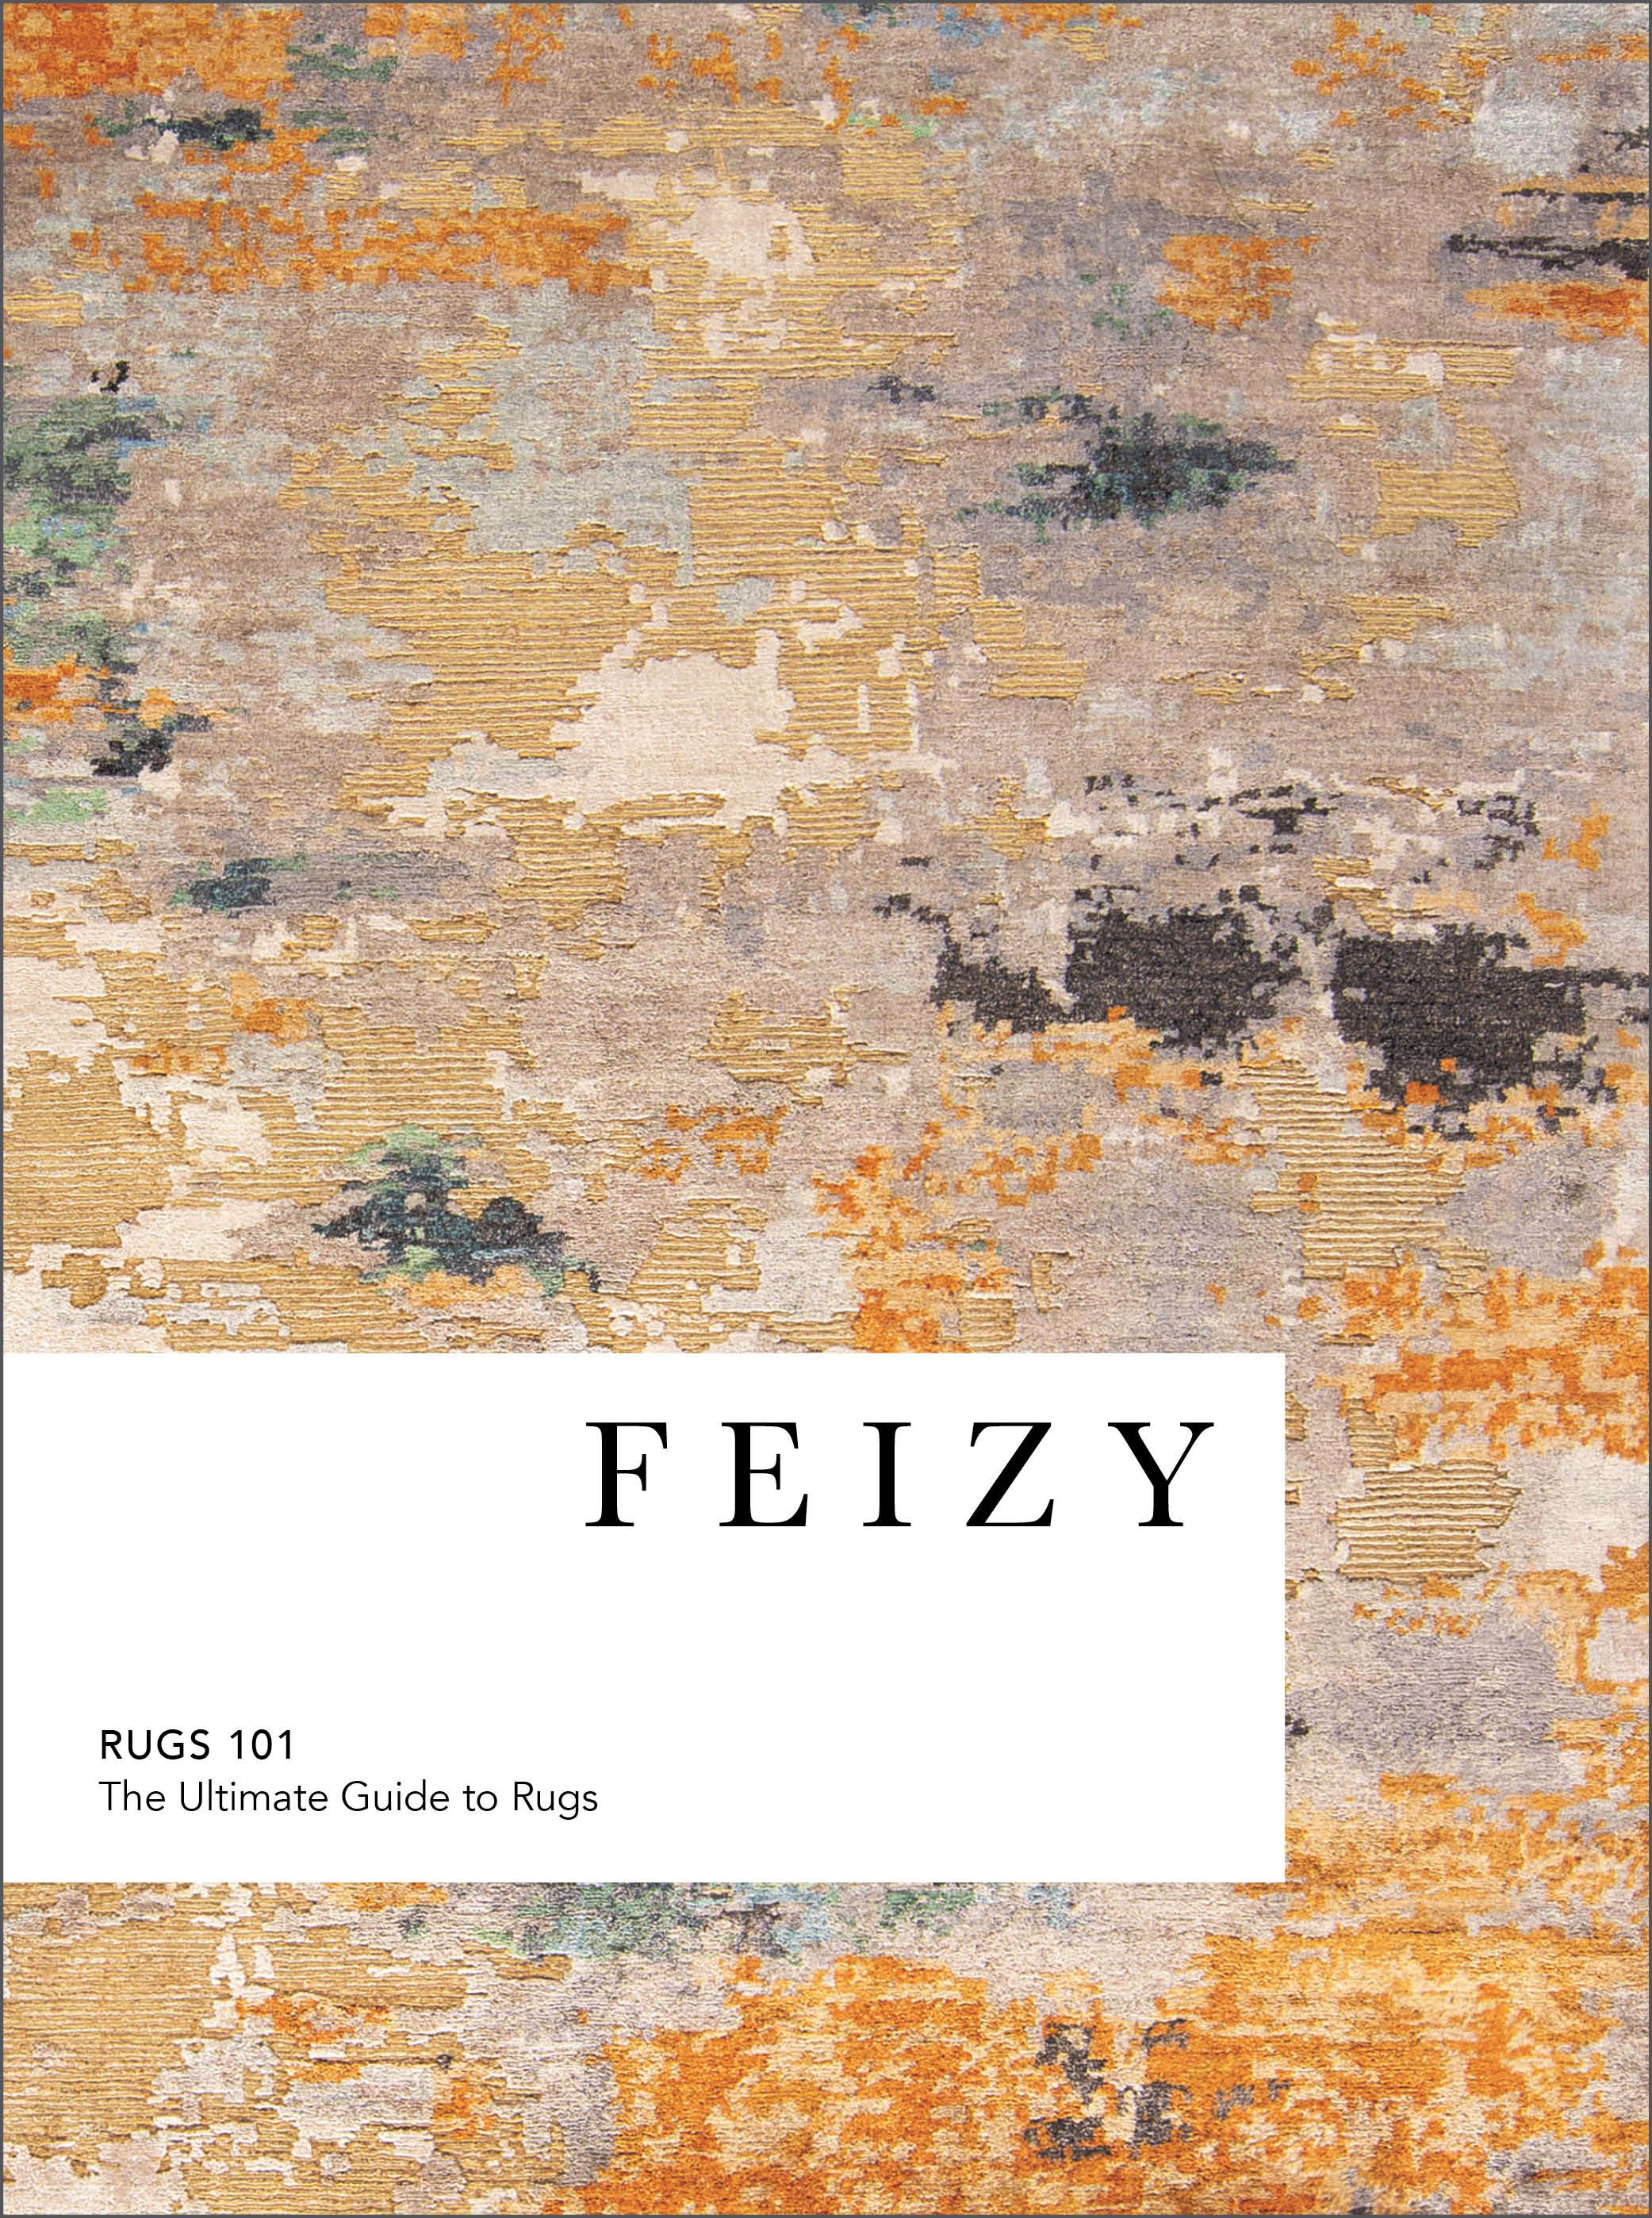 Rugs 101